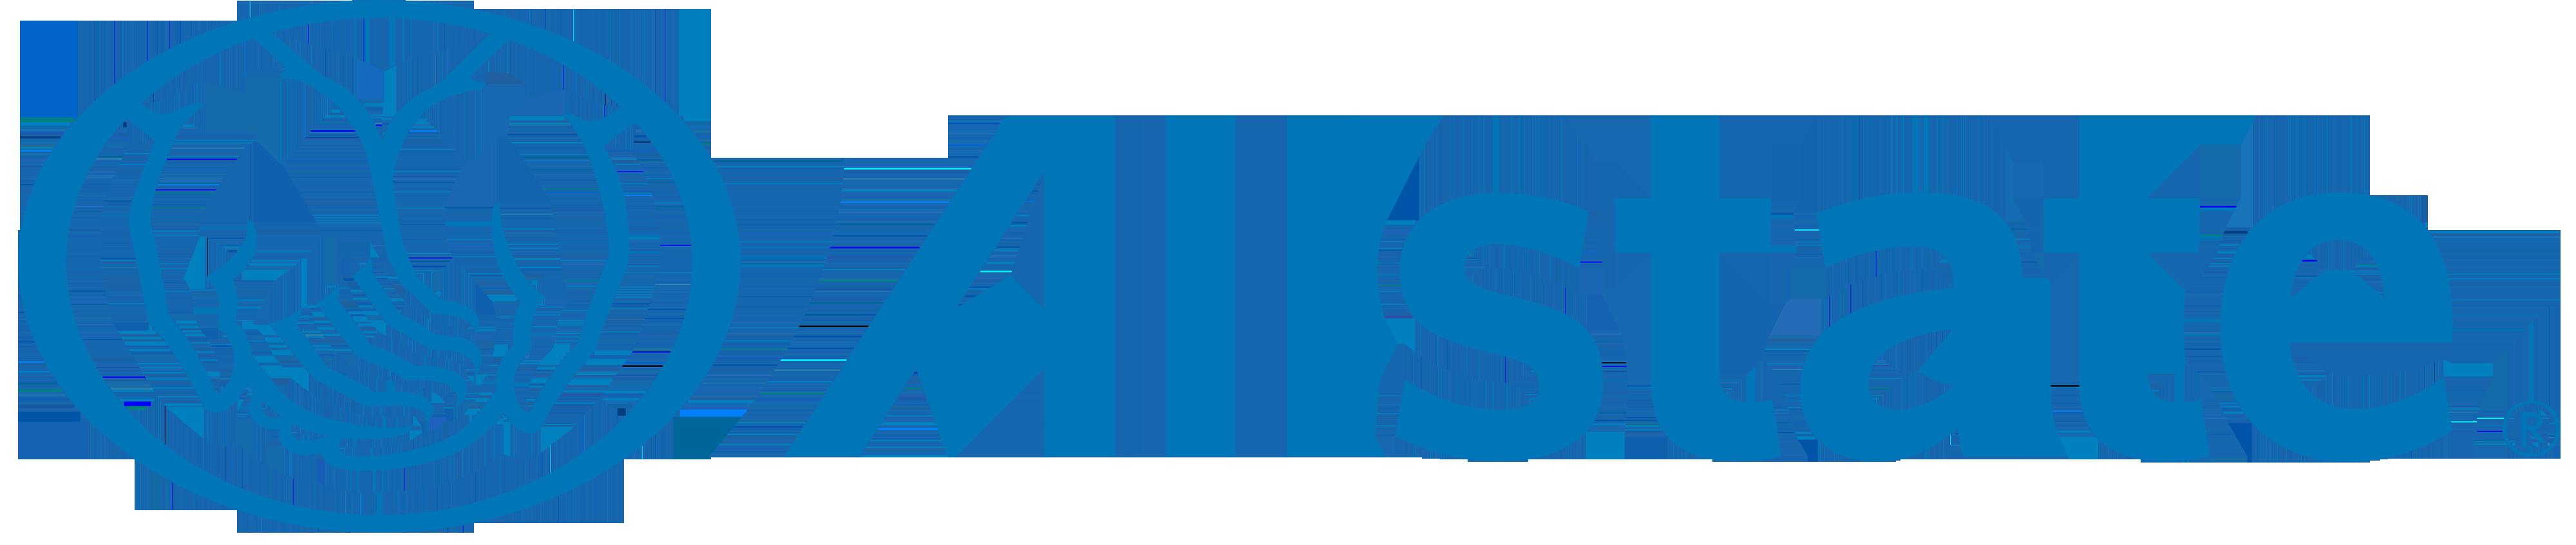 Odis Mack: Allstate Insurance